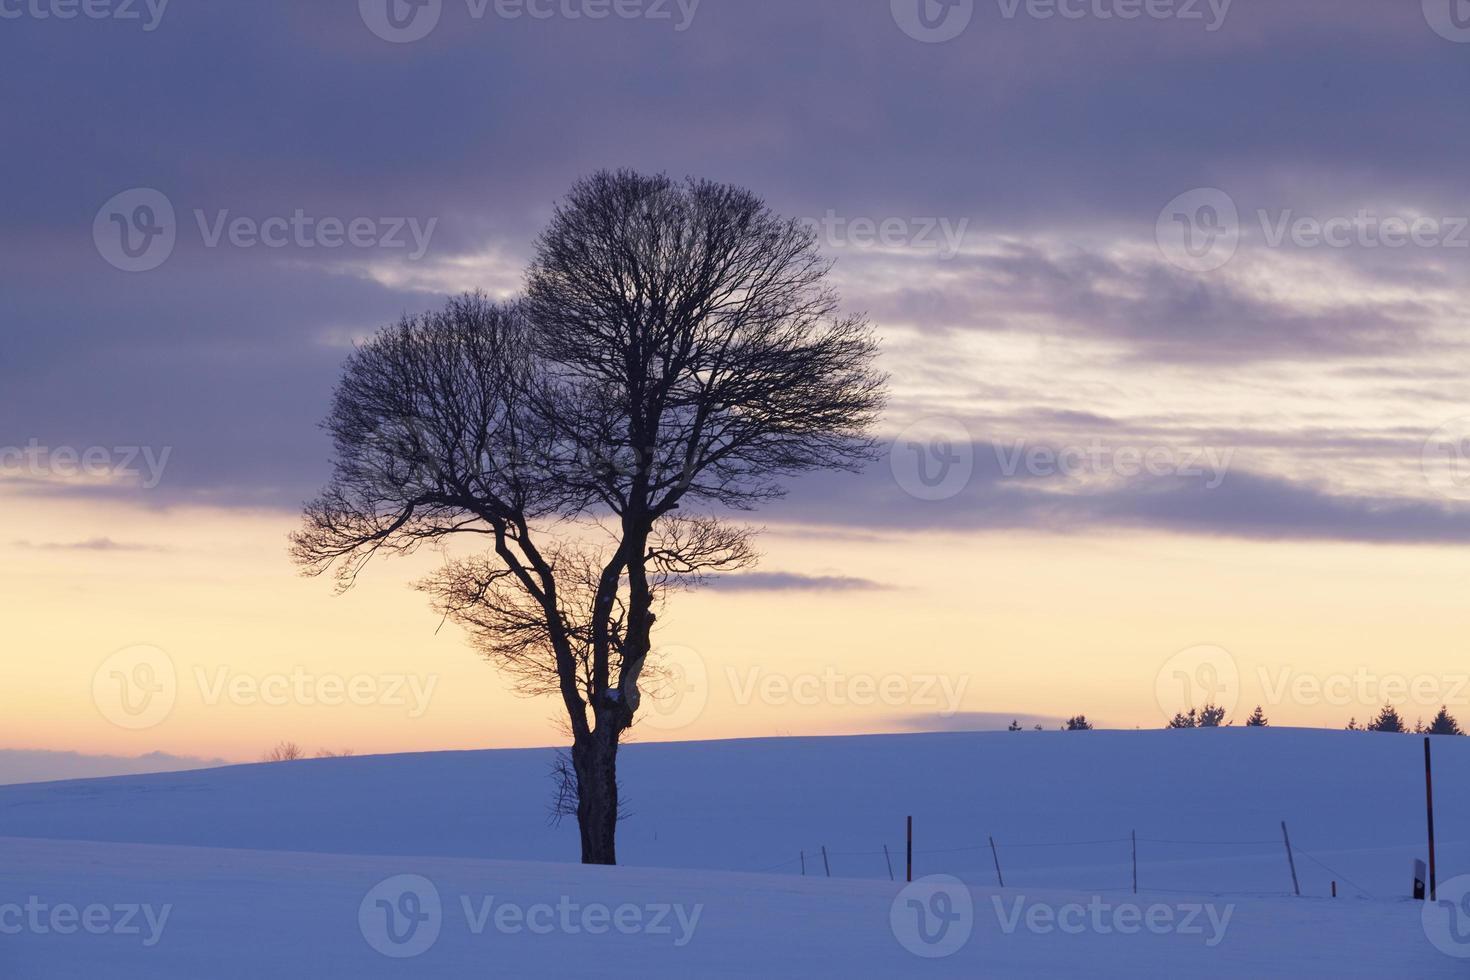 träd i ett vinterlandskap vid solnedgången foto